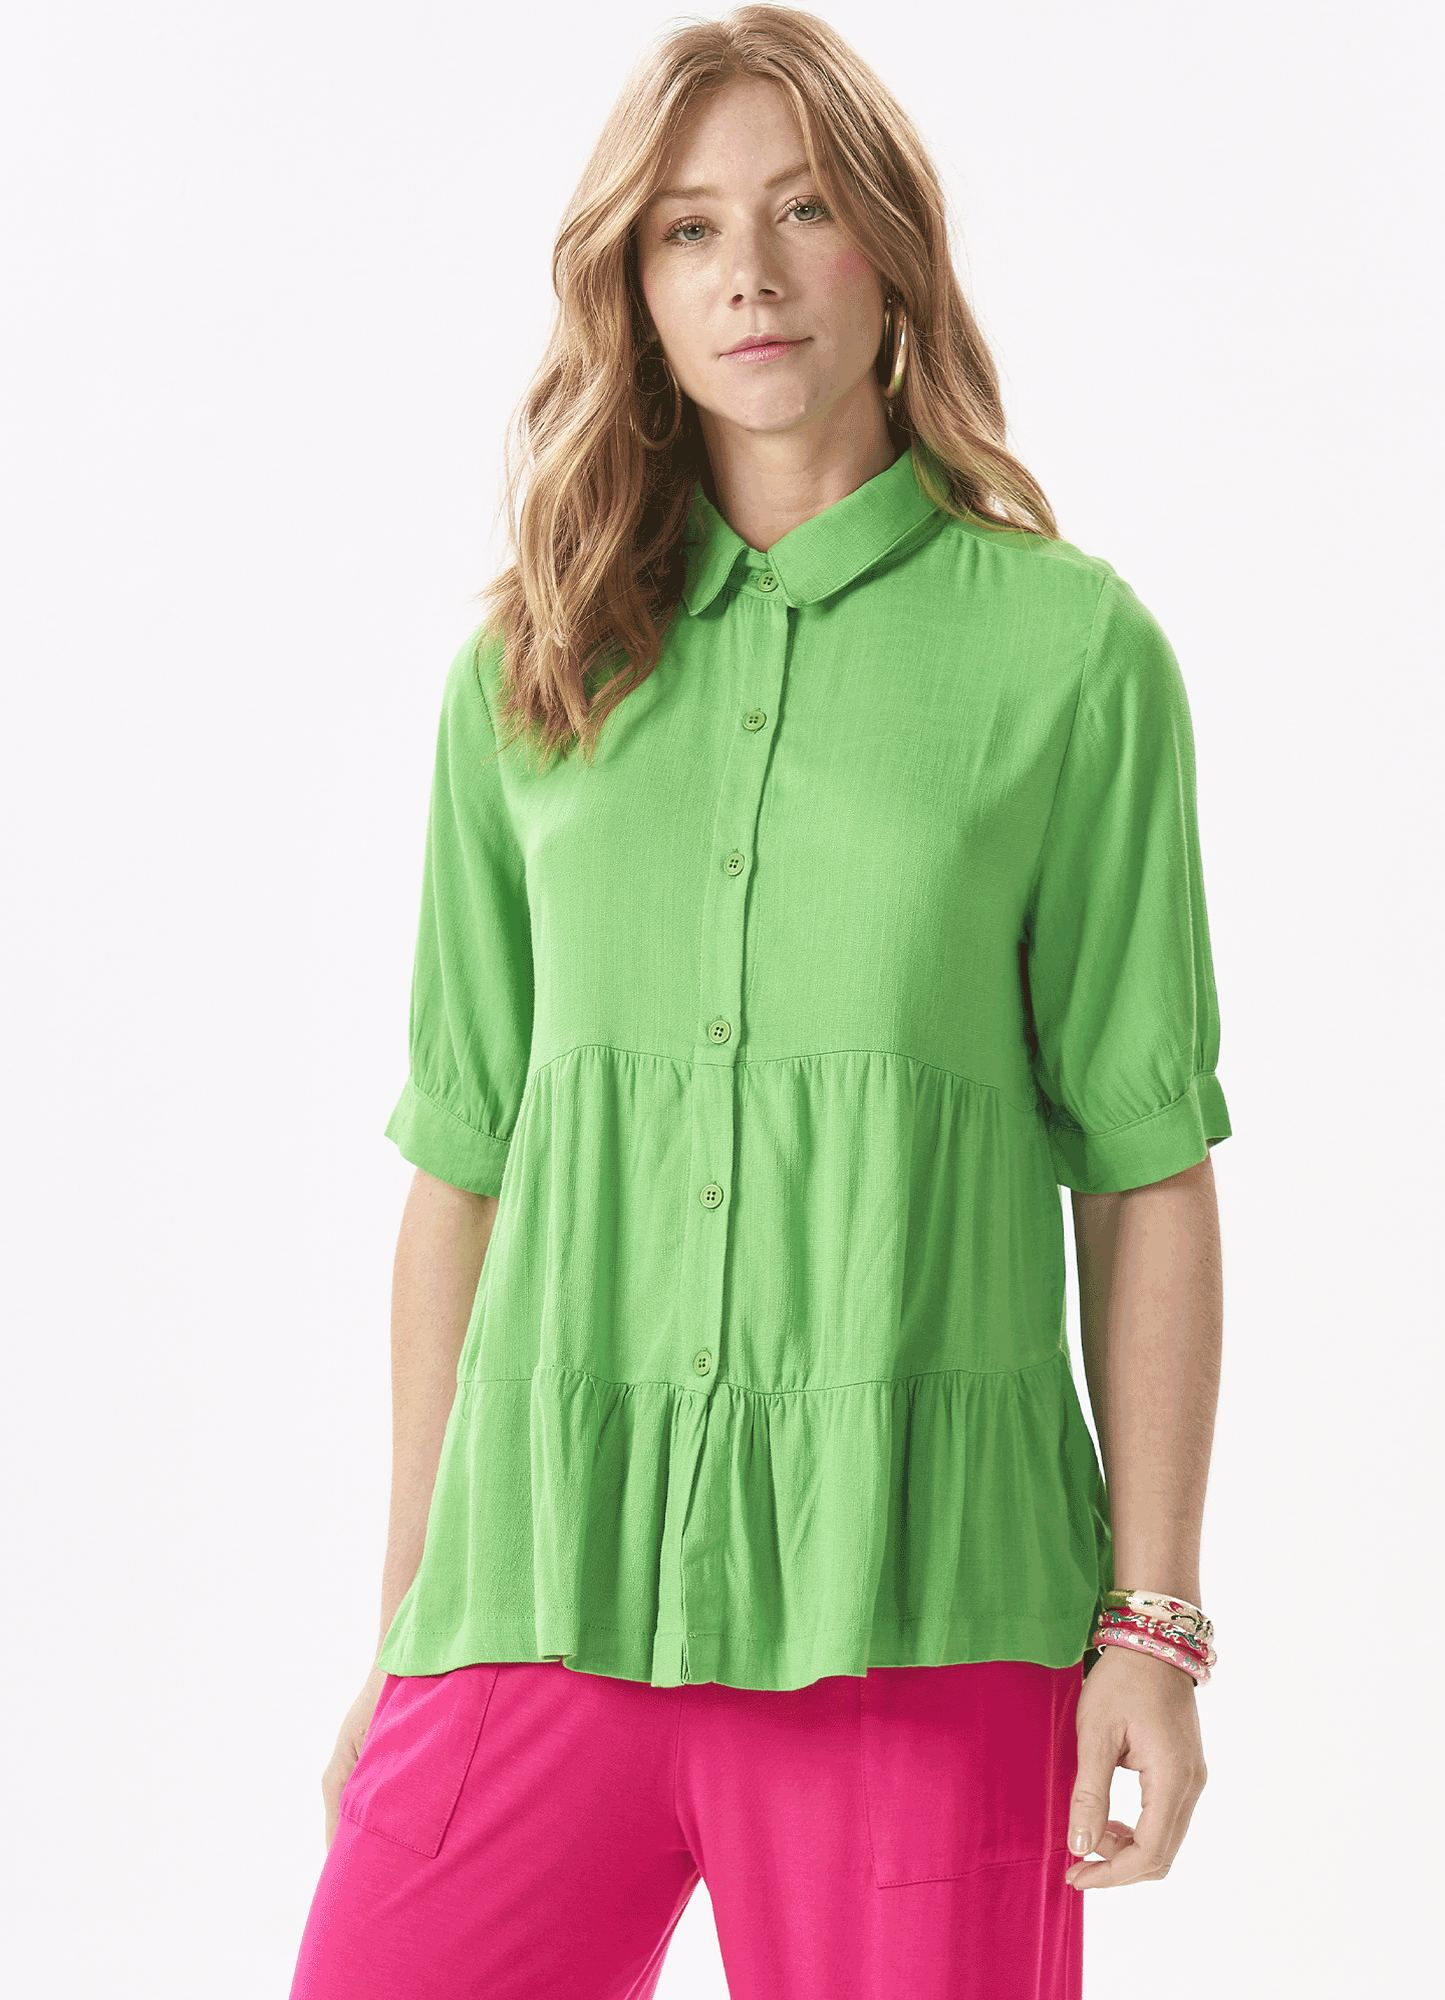 Camisa Feminina Tecido Duas Marias Botões e  Gola